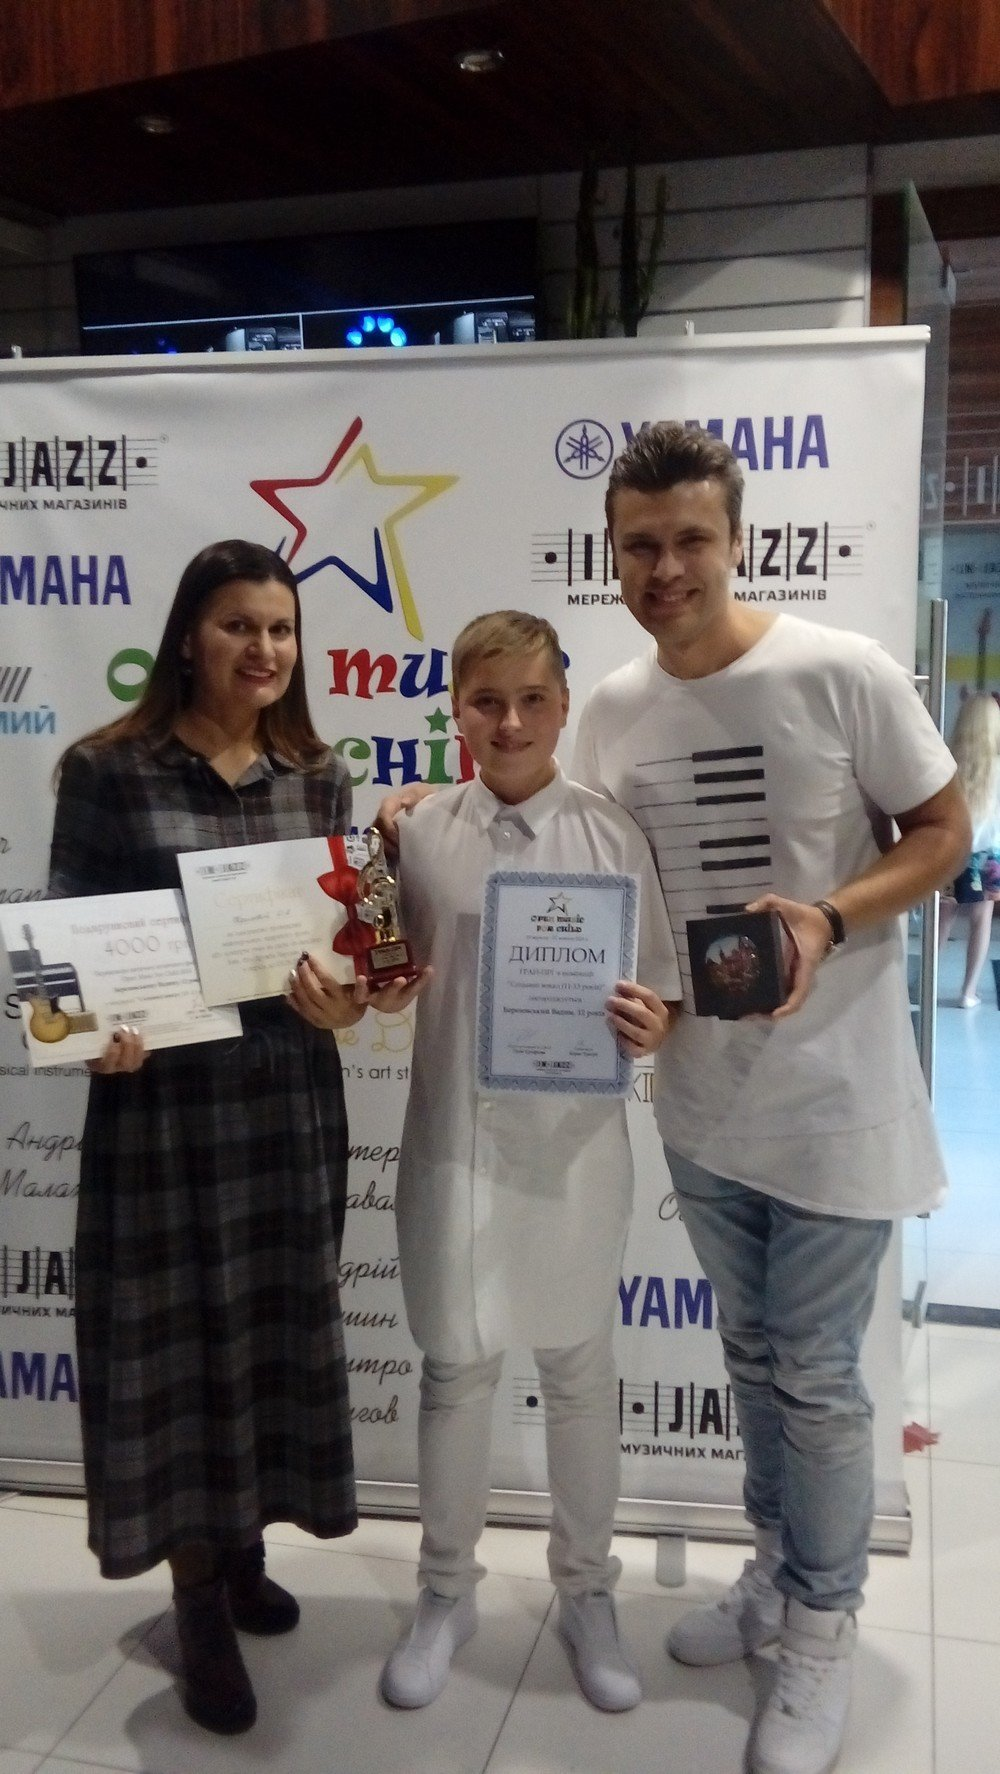 Юний вокаліст із Кам'янця виборов Гран-прі на престижному фестивалі, фото-3